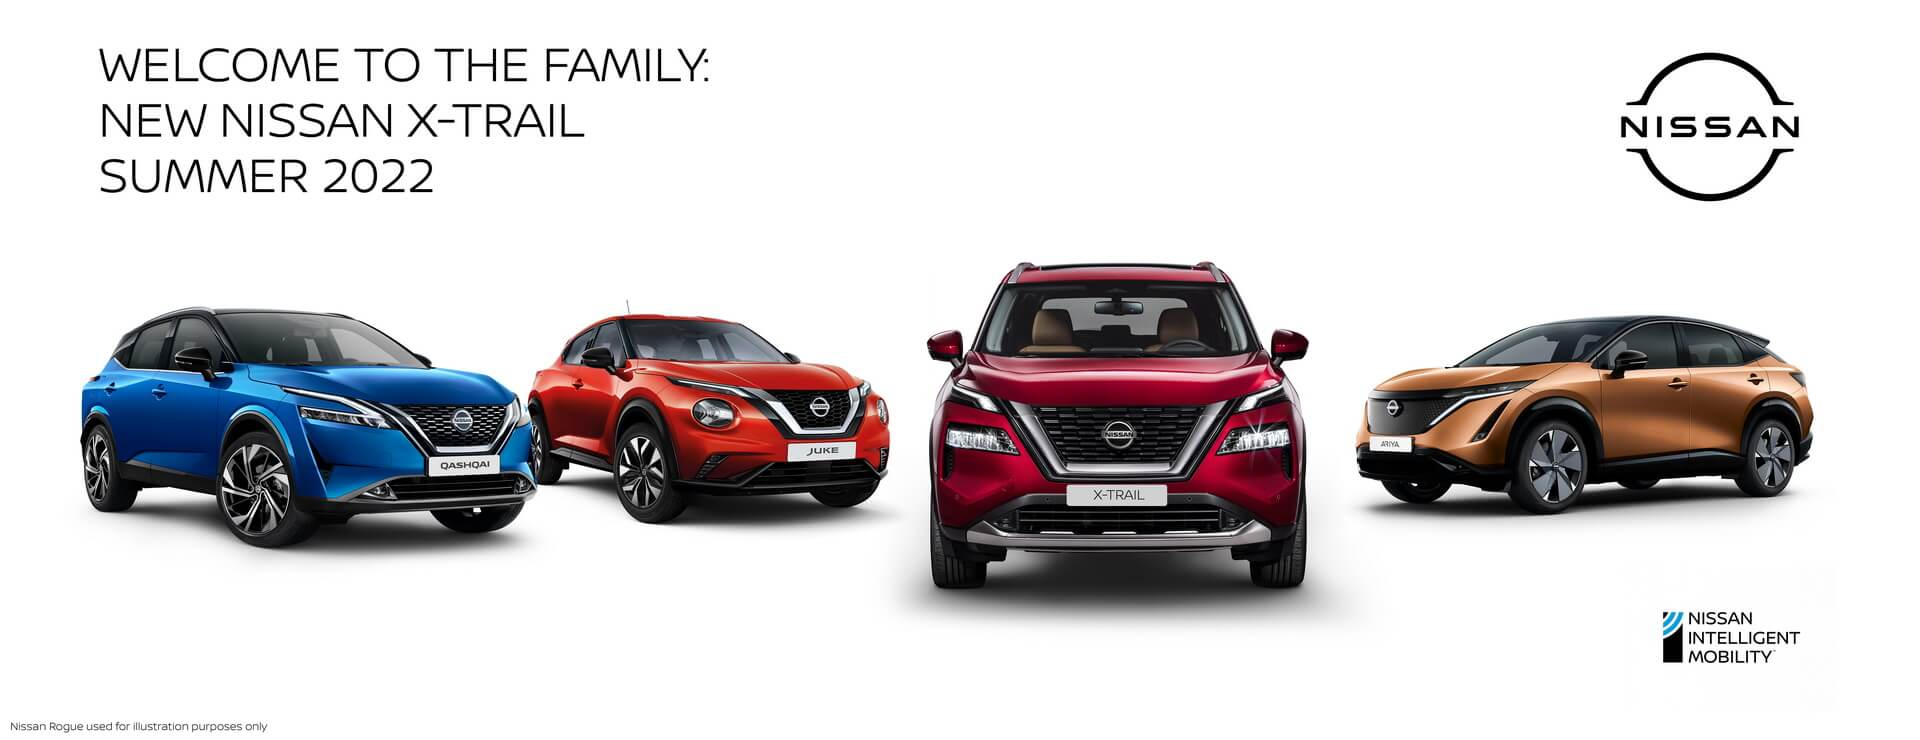 Появление нового Nissan X-TRAIL летом 2022 года завершит масштабное обновление модельного ряда Nissan